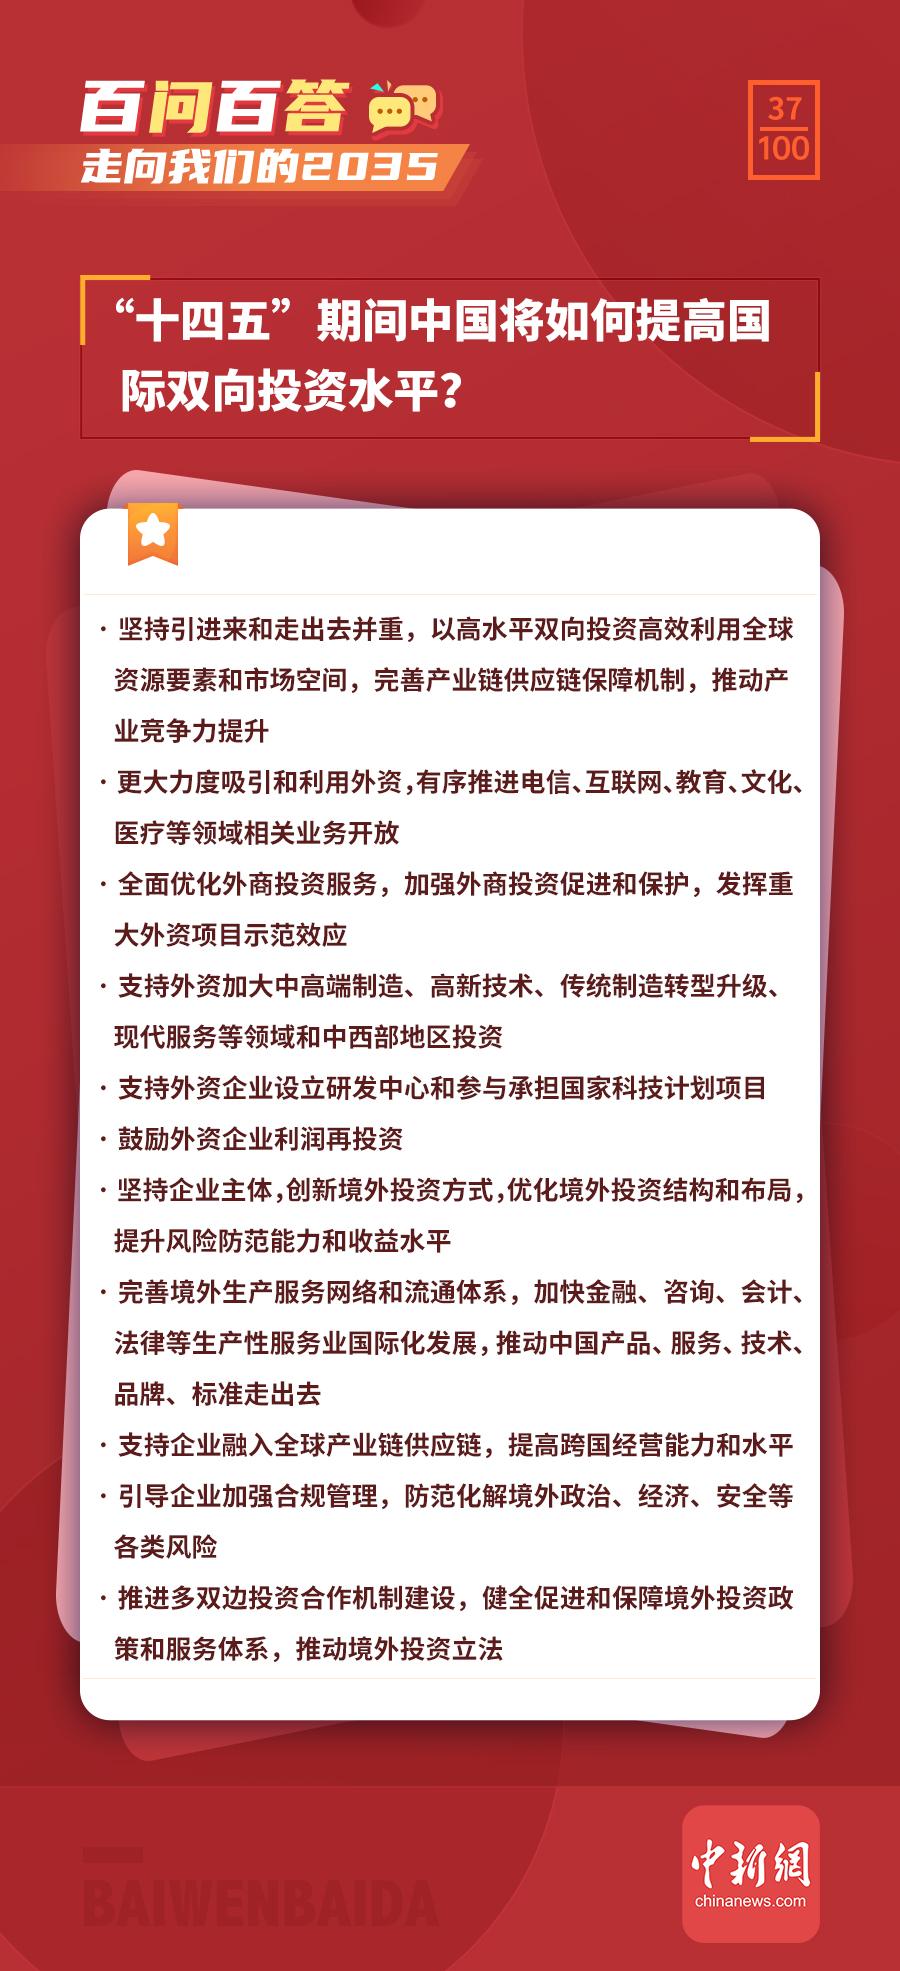 """【走向我们的2035·百问百答】""""十四五""""期间中国将如何提高国际双向投资水平?"""